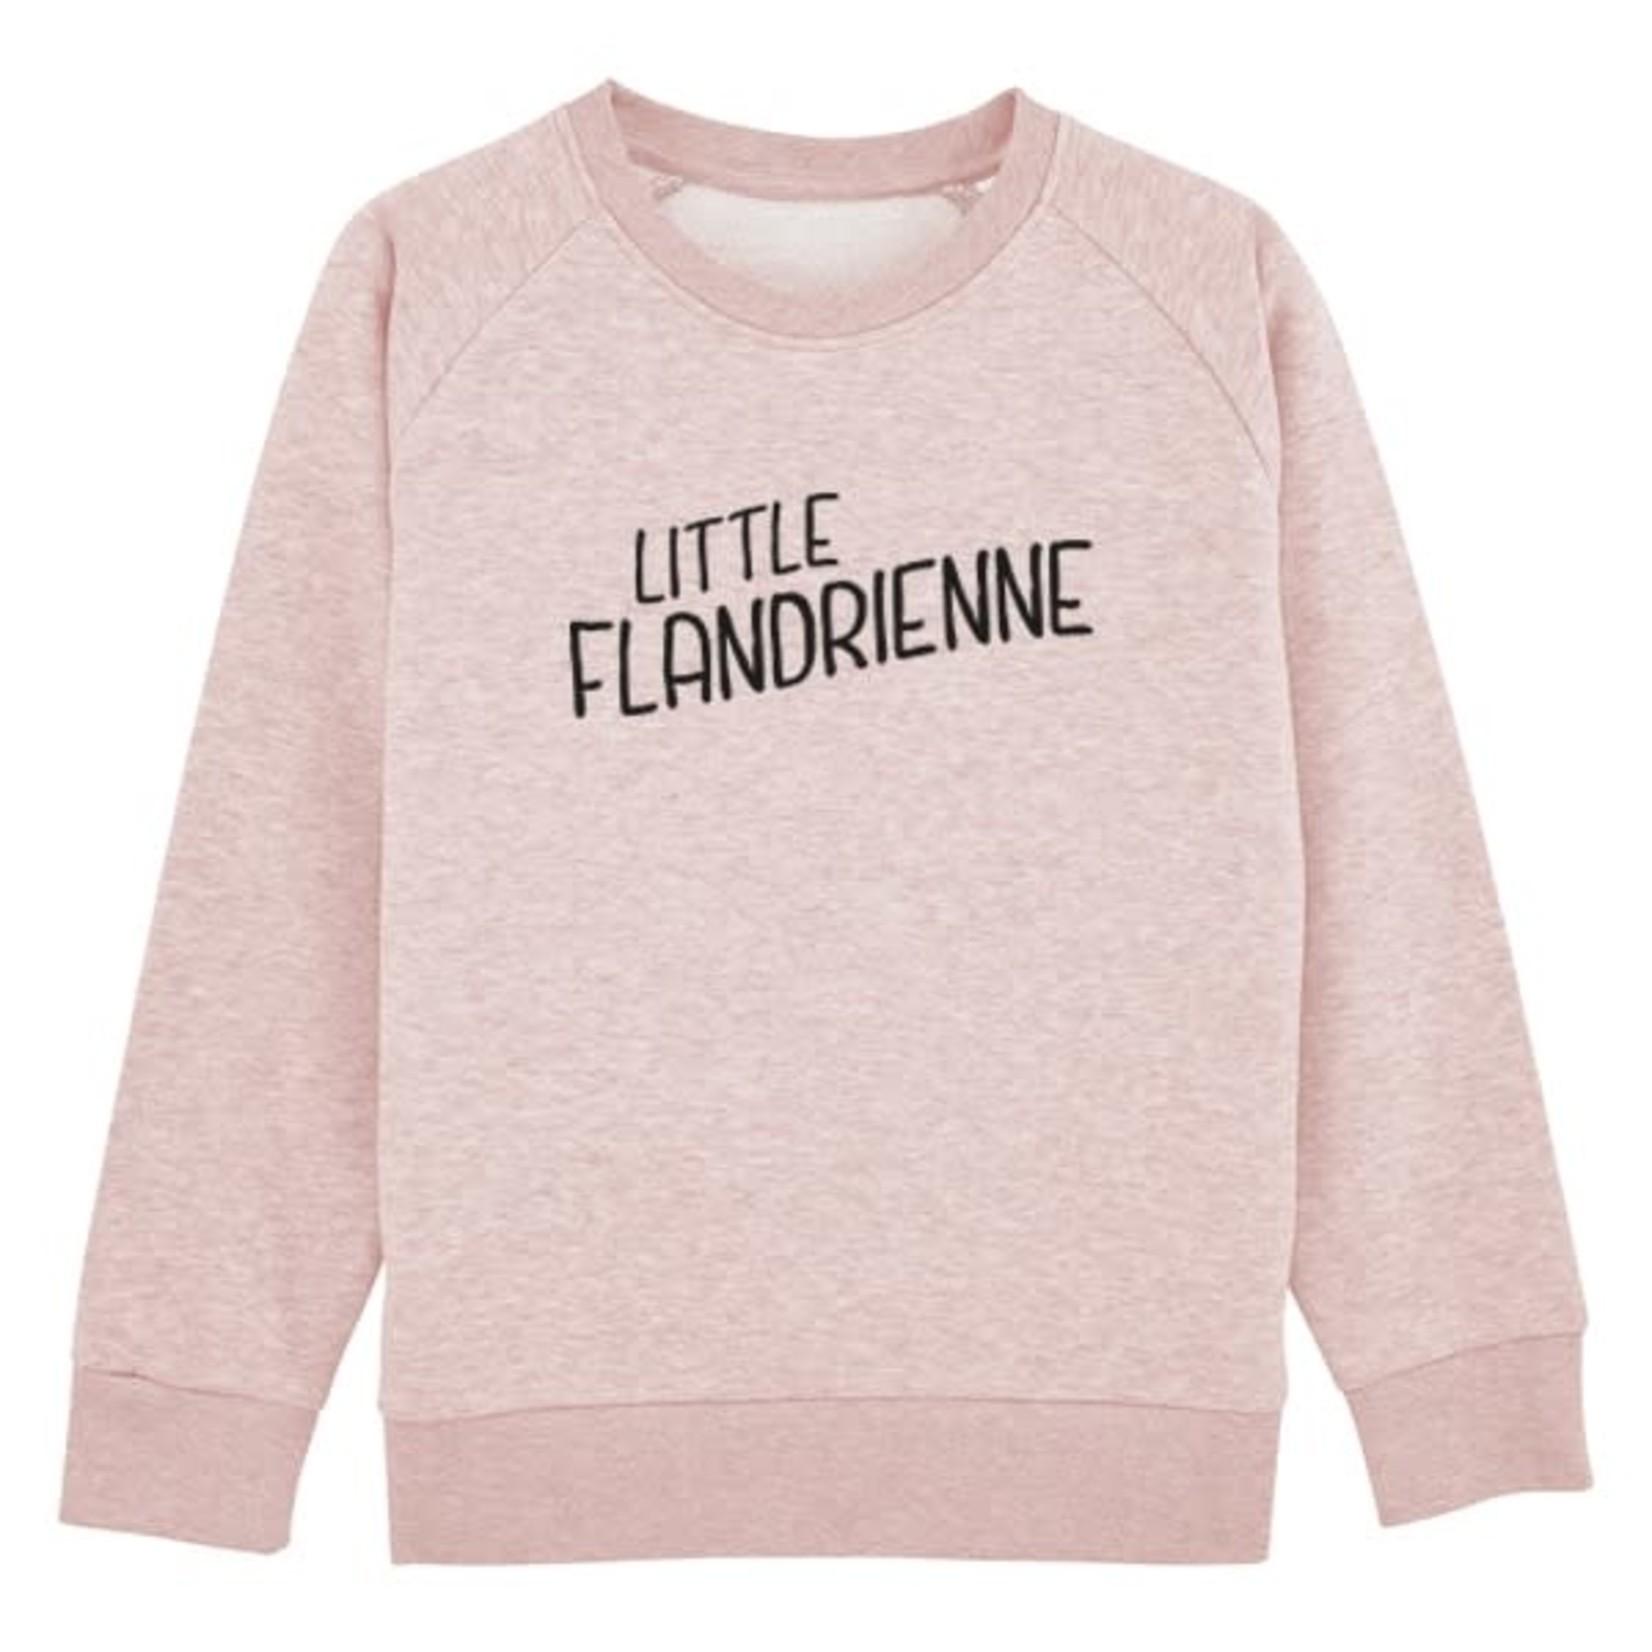 Sweater 'Little Flandrienne'